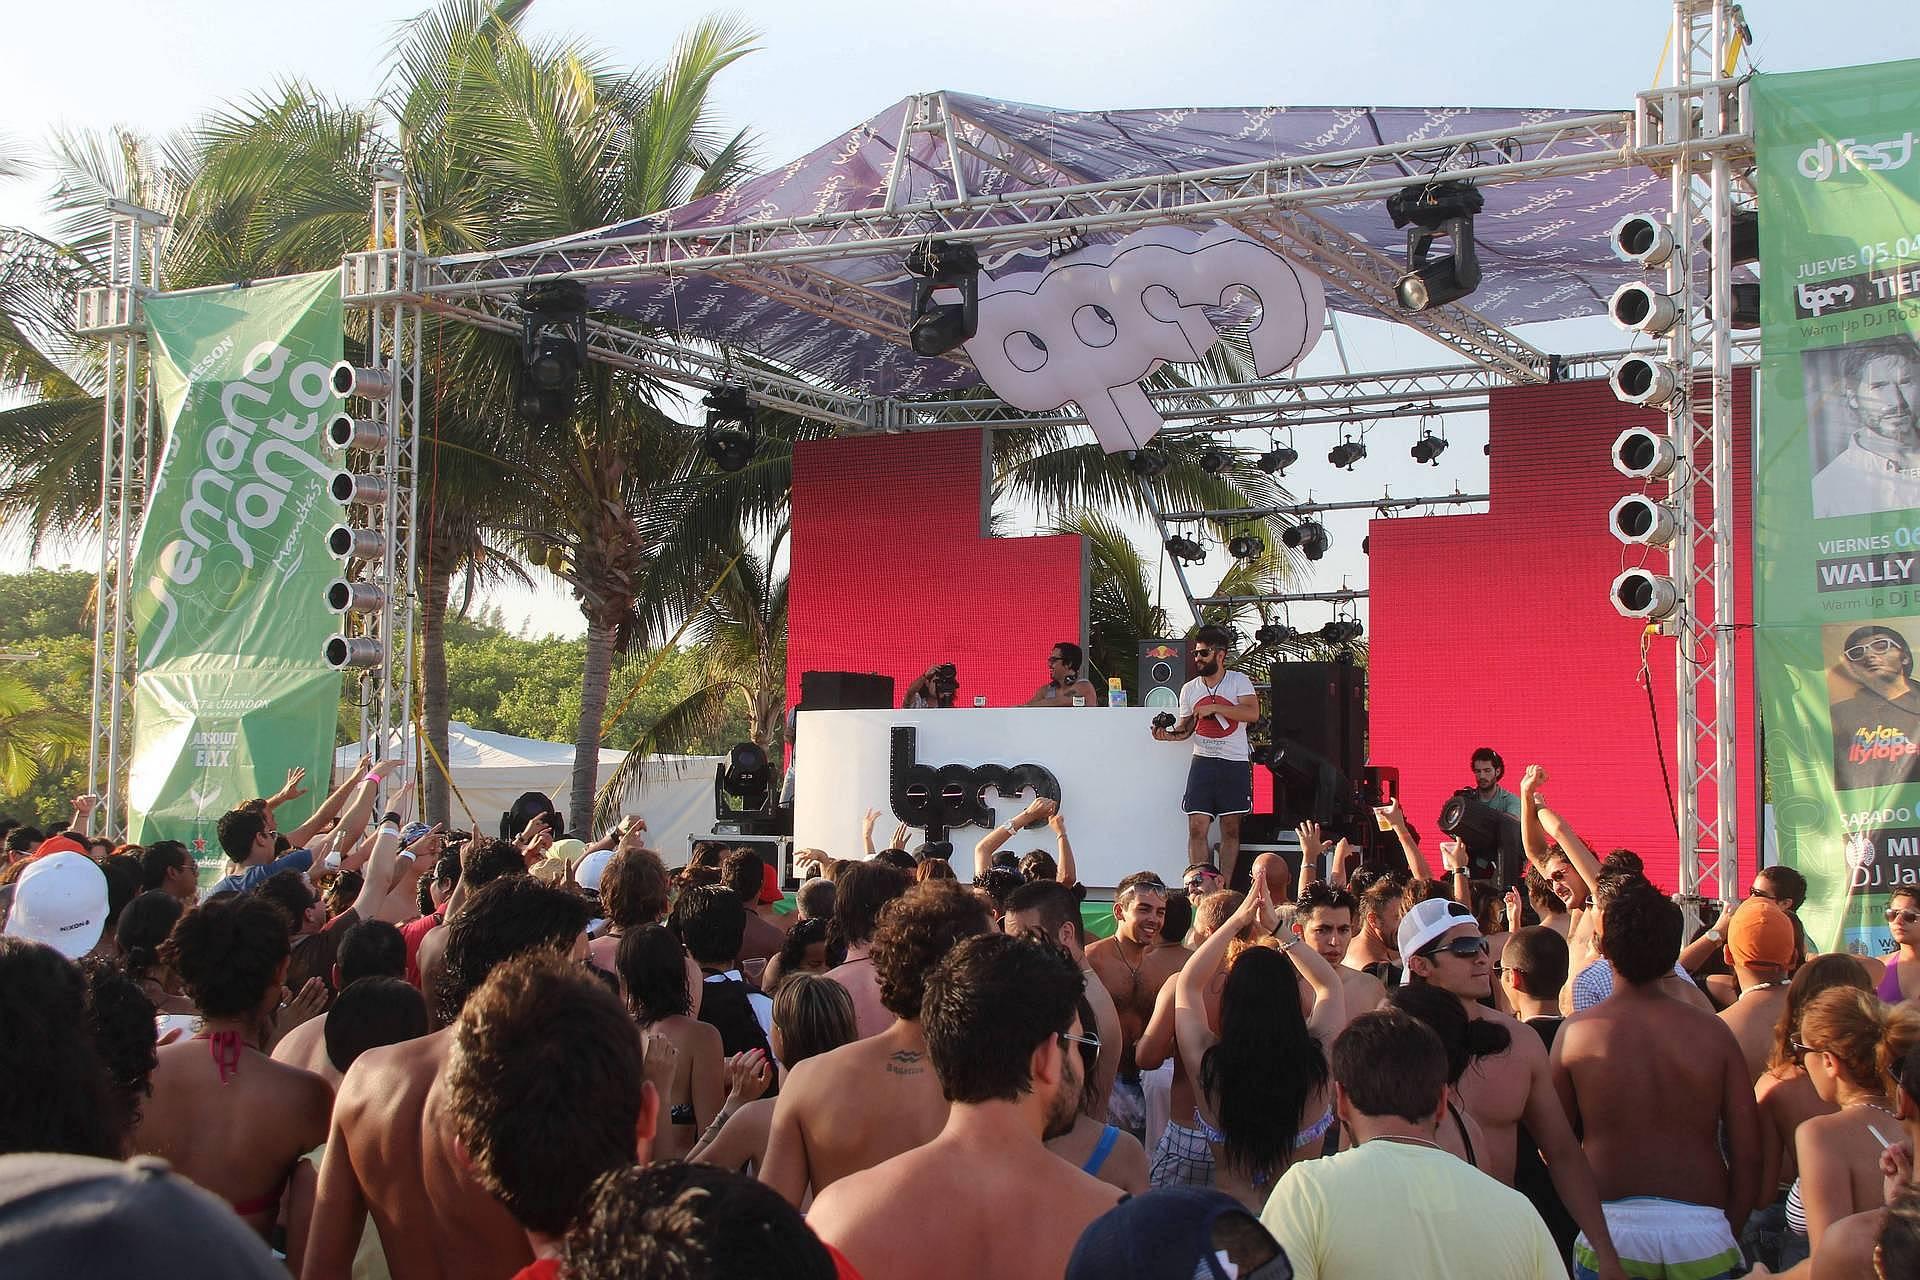 Wielkanoc w Meksyku, koncert na plaży